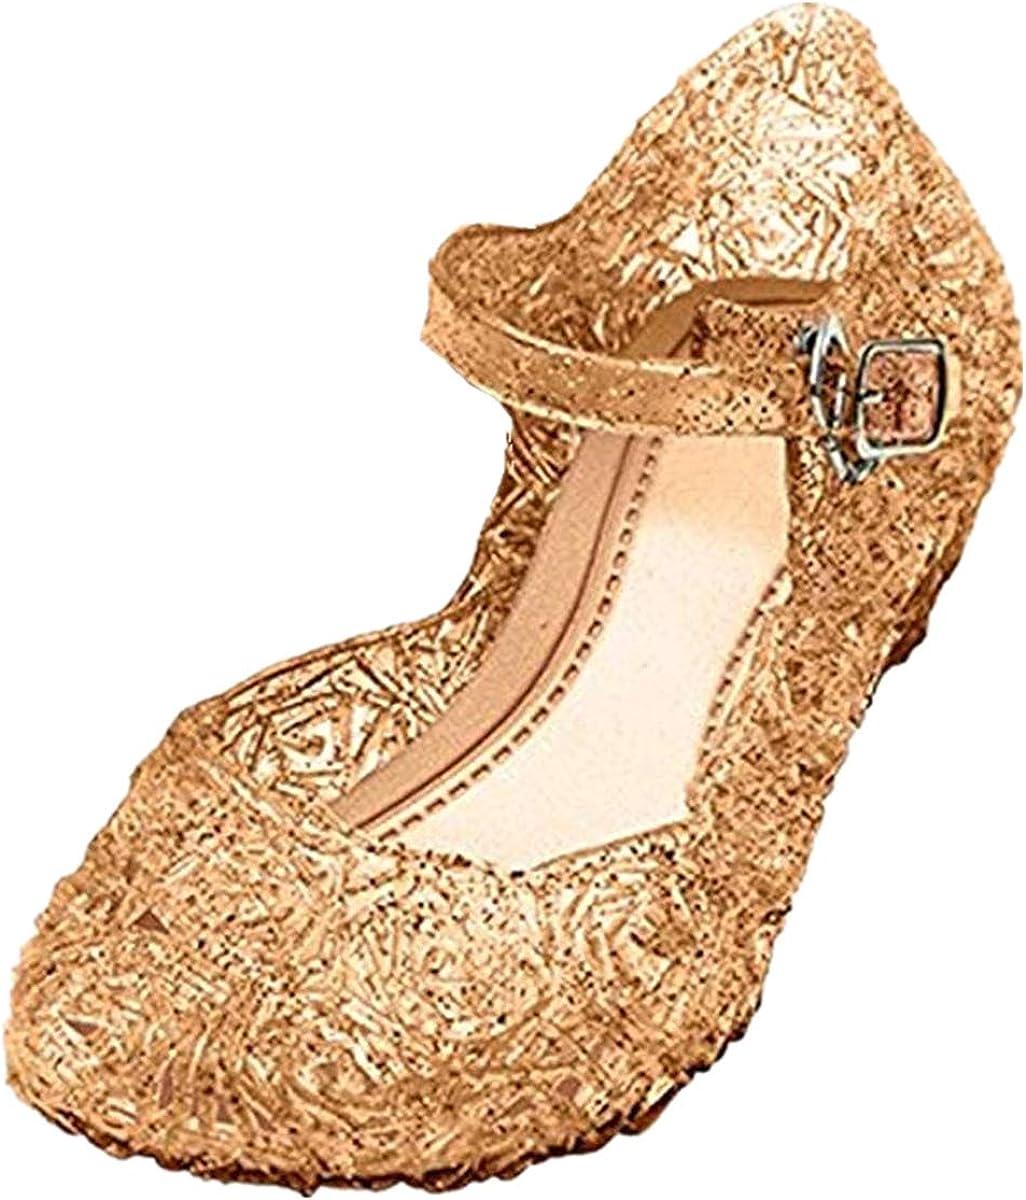 GenialES/® Scarpe Sandali di Vestito Principessa Ragazze Carnaval Fiesta Cosplay Halloween Plastica Altezza Tacco doro CN29//EU27//170